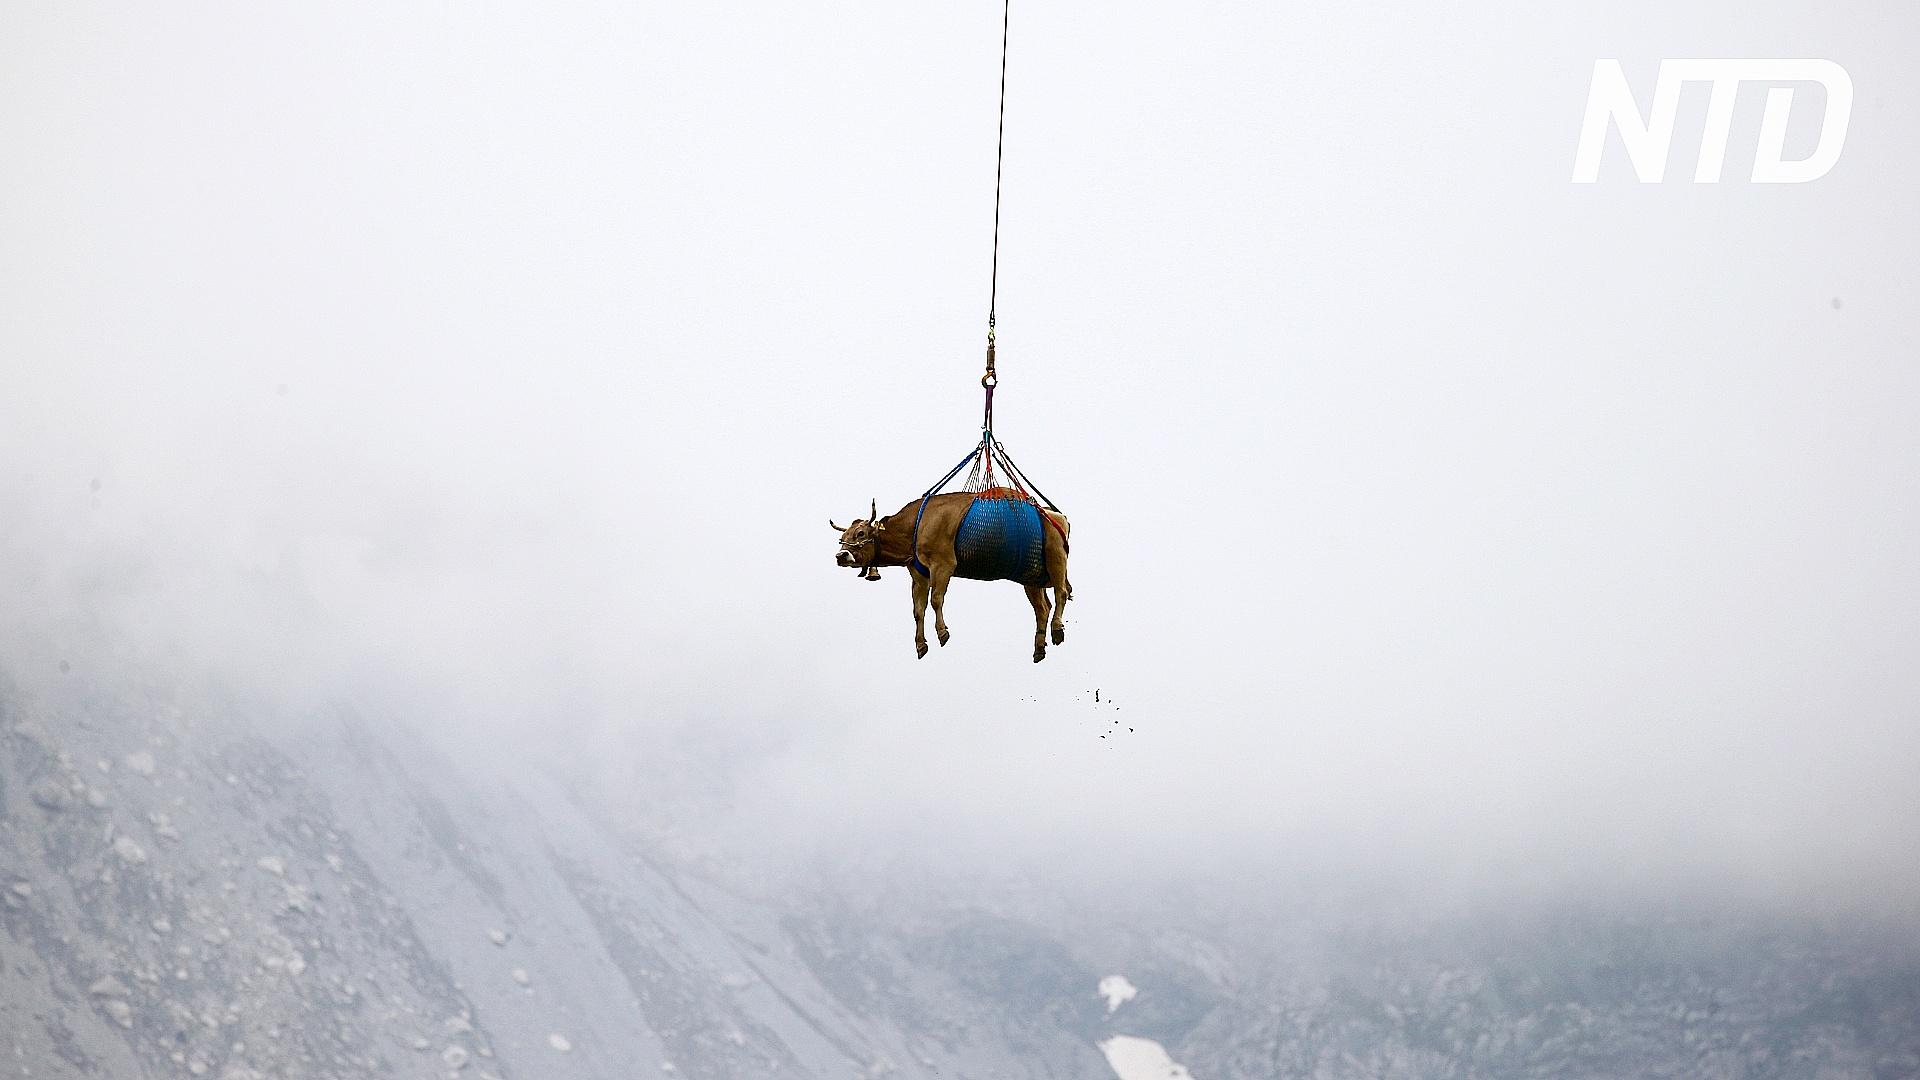 «Летающие» коровы: как в Швейцарии перевозят коров на новые пастбища